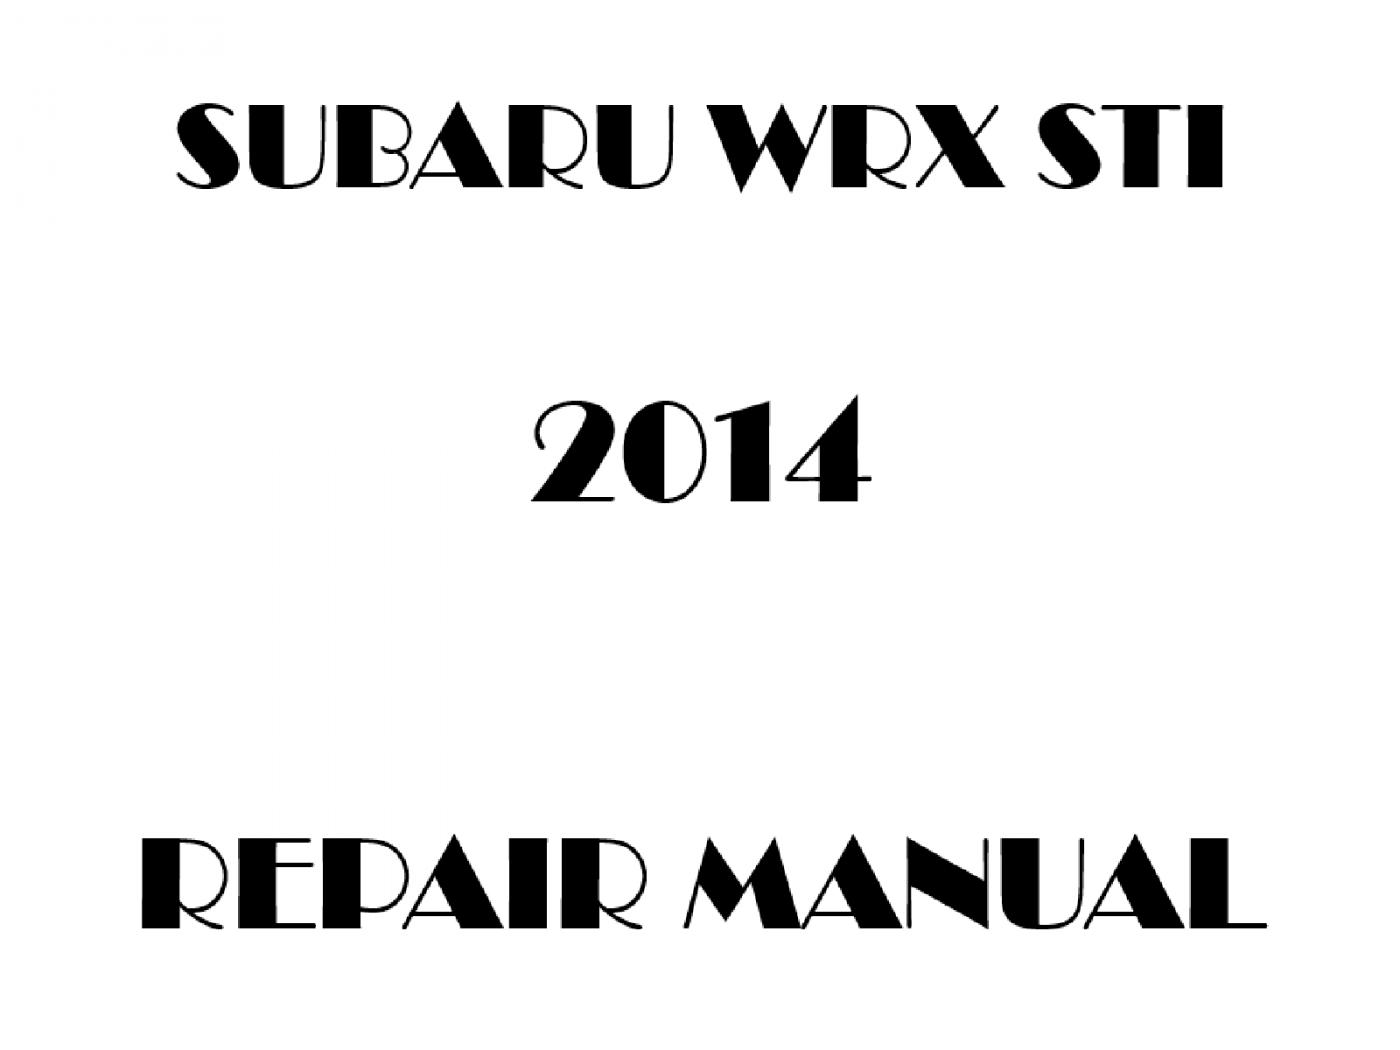 2014 Subaru Impreza WRX STI repair manual